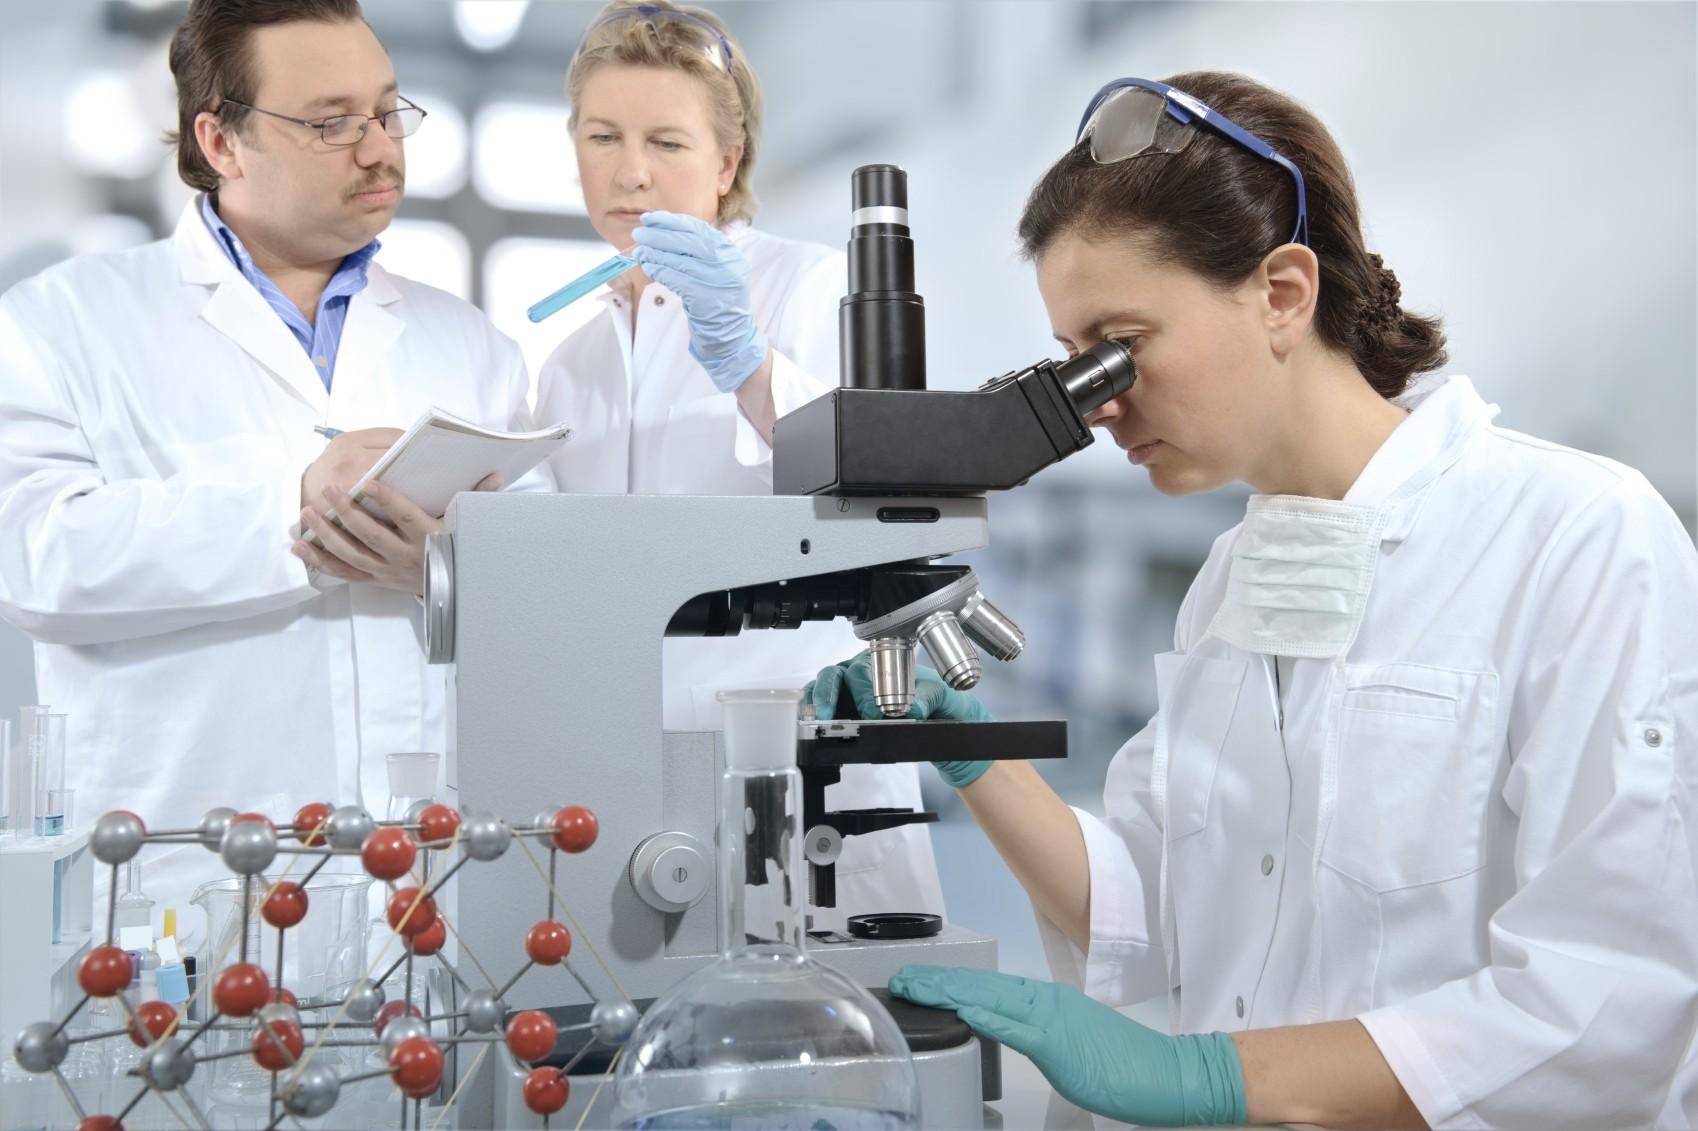 Специалисты подтвердили мировую опасность микробов, неуязвимых кантибиотикам